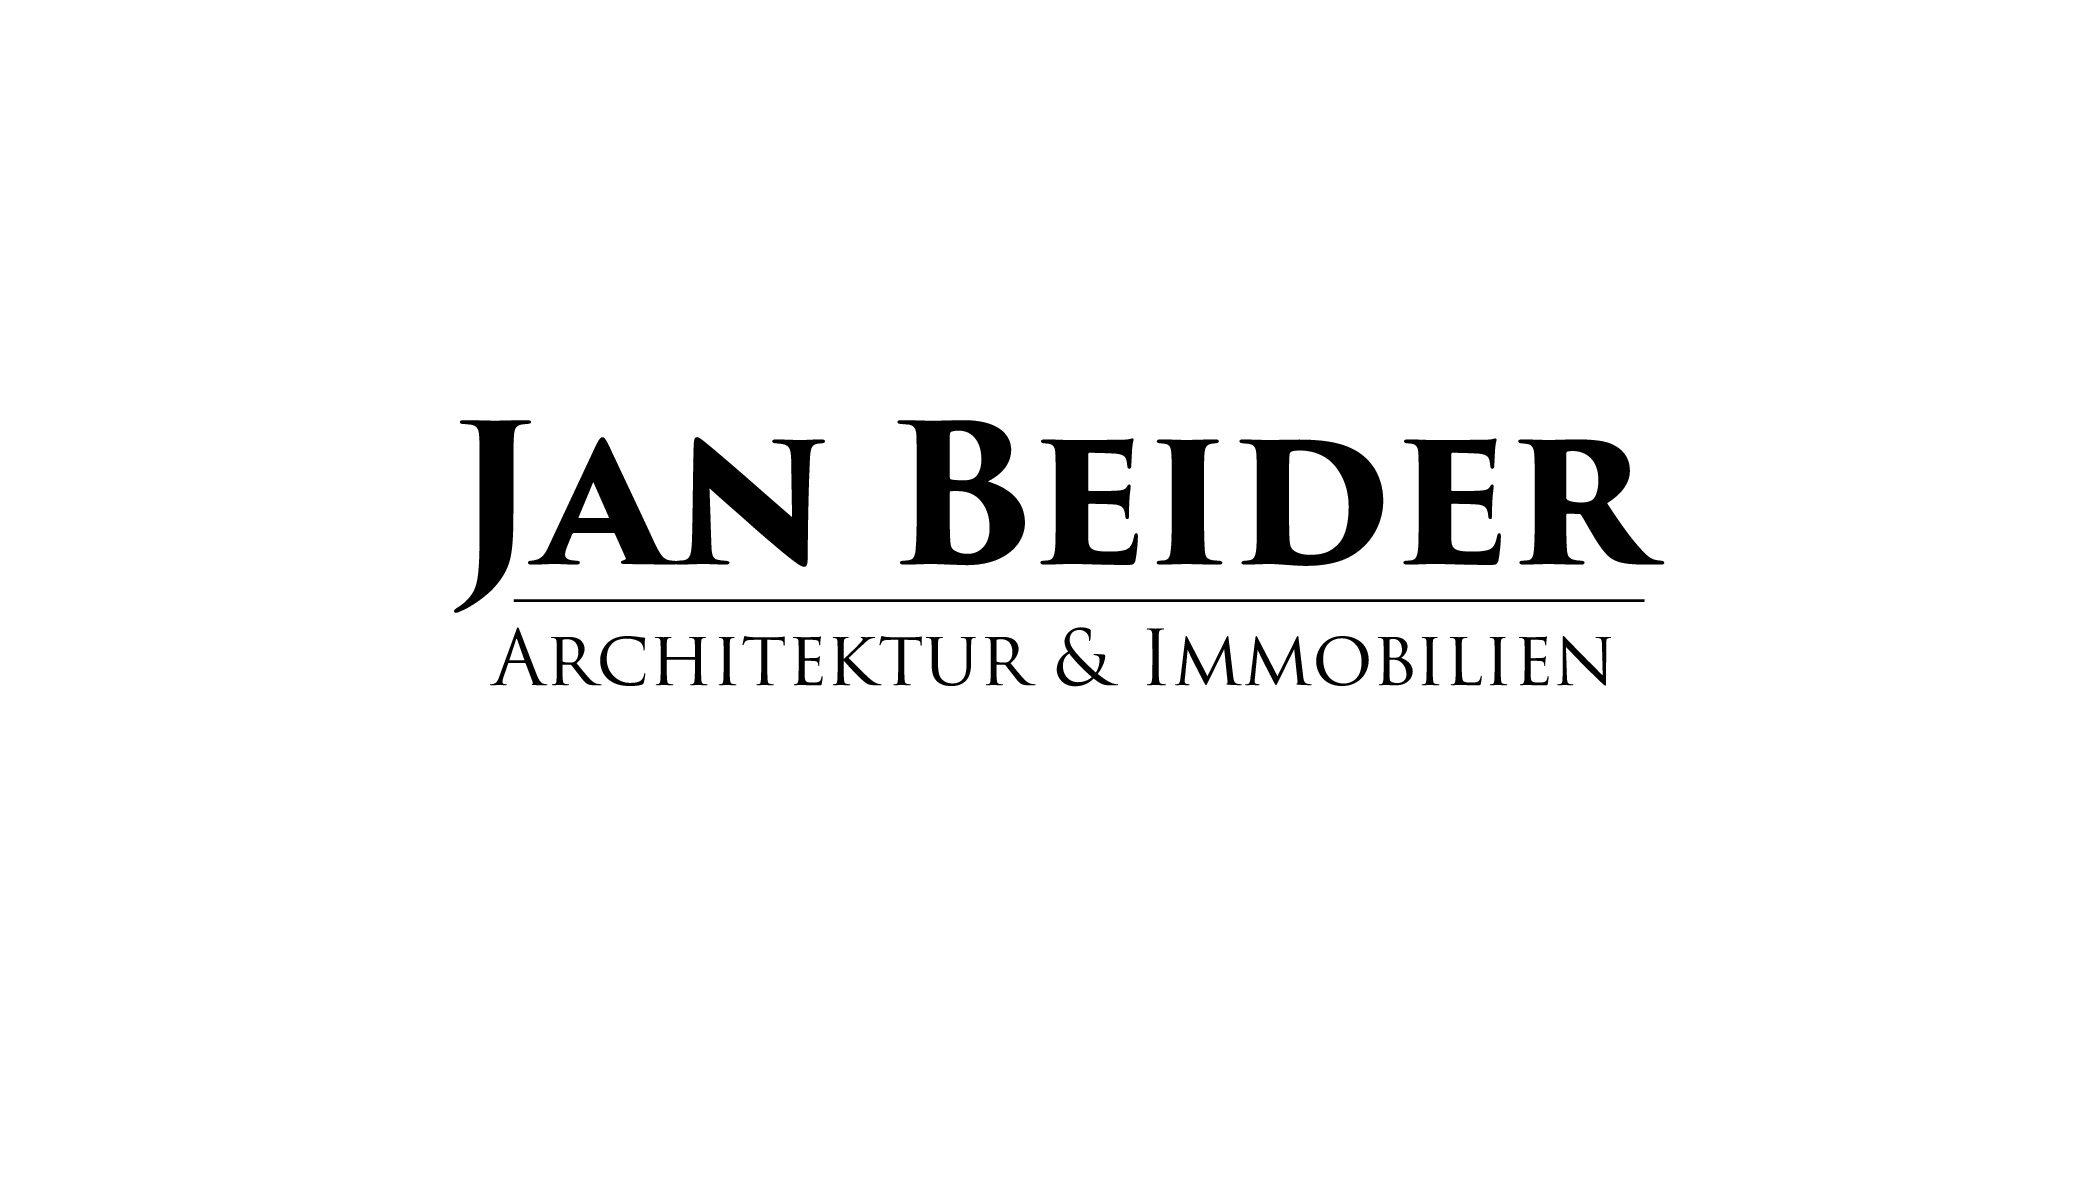 www.jan-beider.de